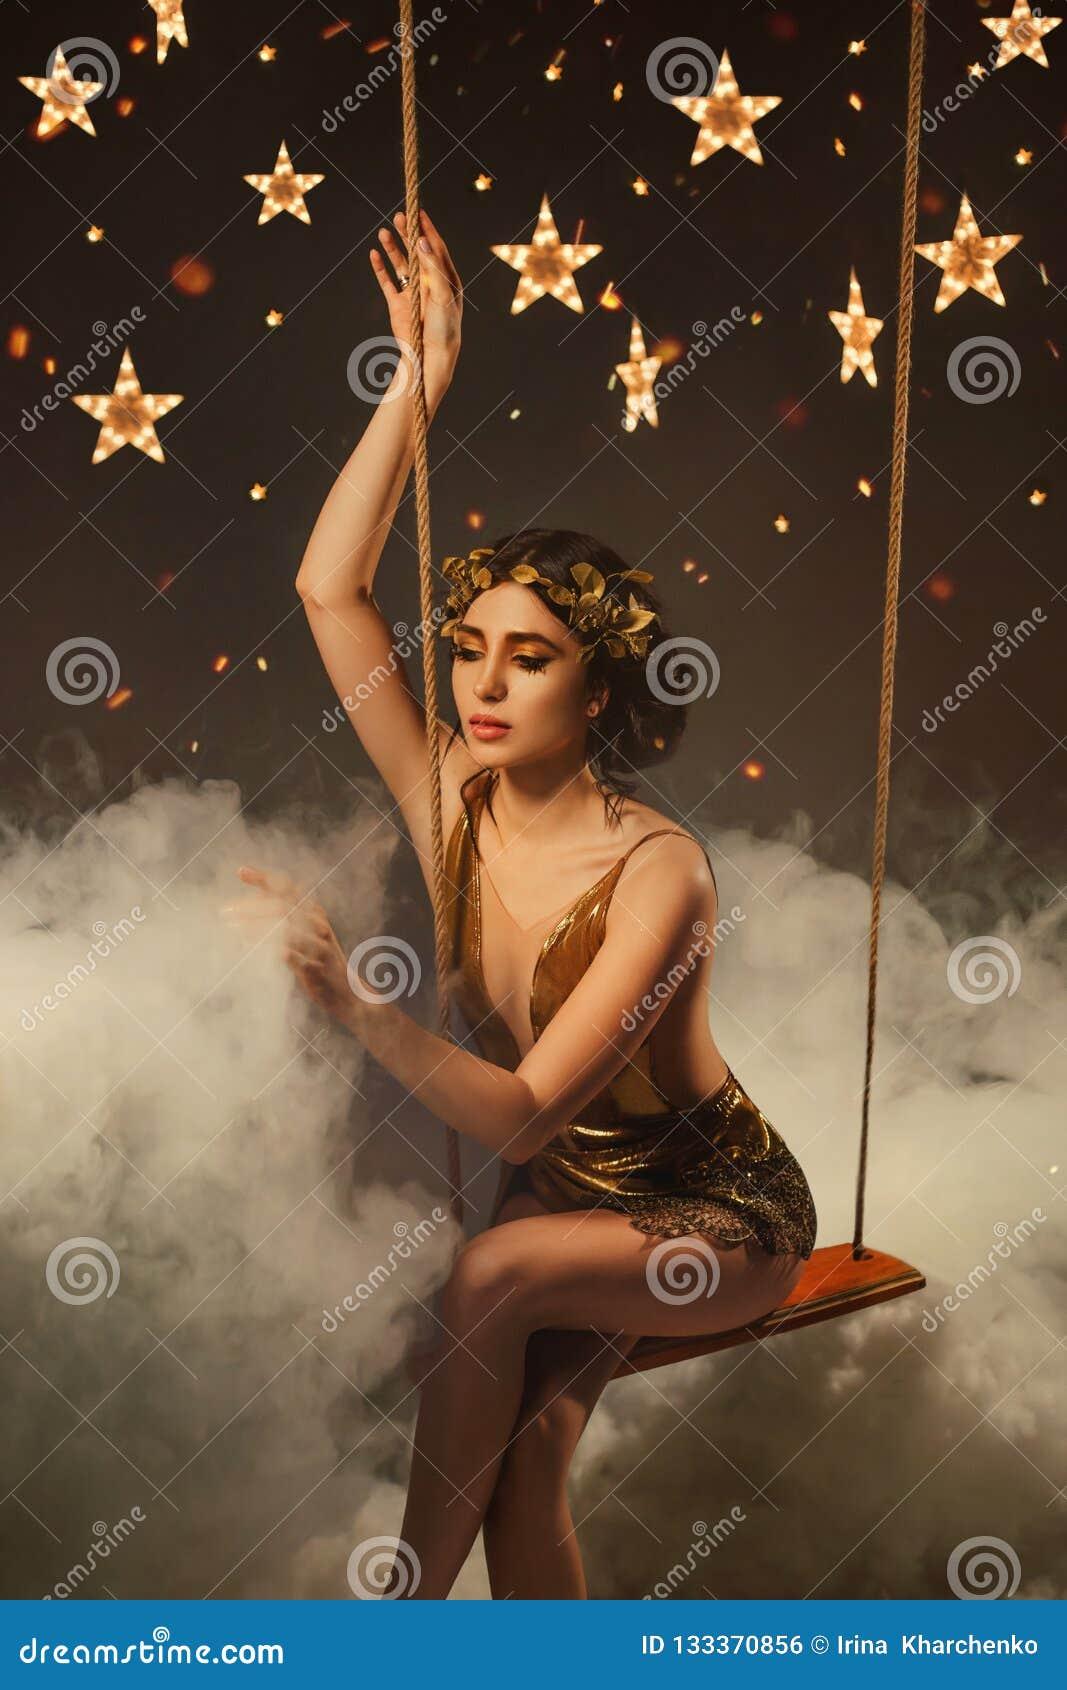 Złota bogini noc, zadziwiająca młoda dziewczyna z ciemnymi wołami i wianek w krótkiej koktajl sukni z siatką,